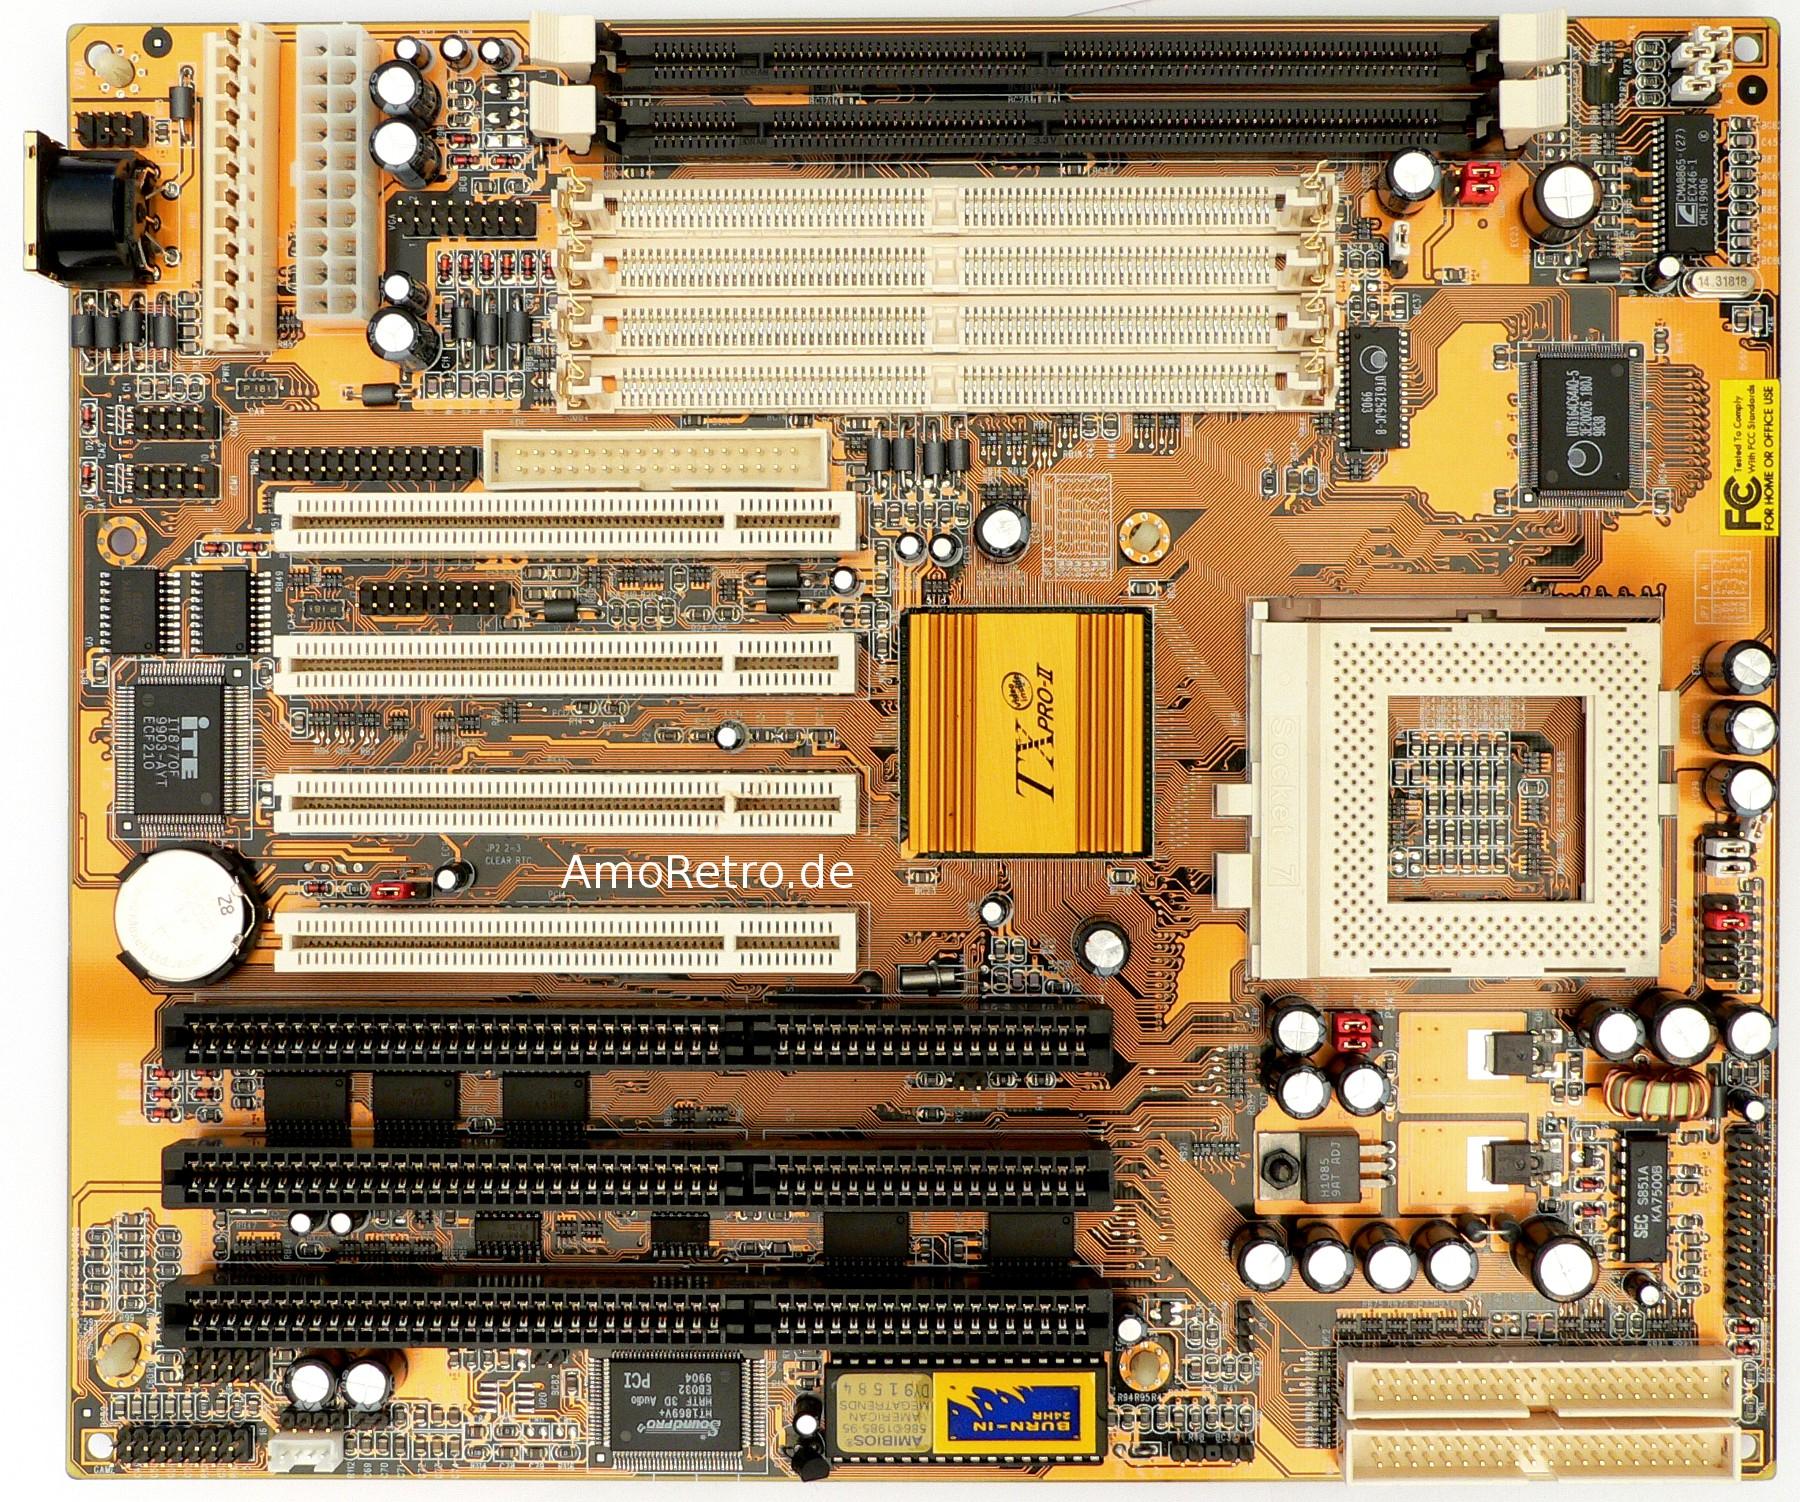 PC-Chips M571 V 7.0A (SiS 5598) Motherboard, Socket 7